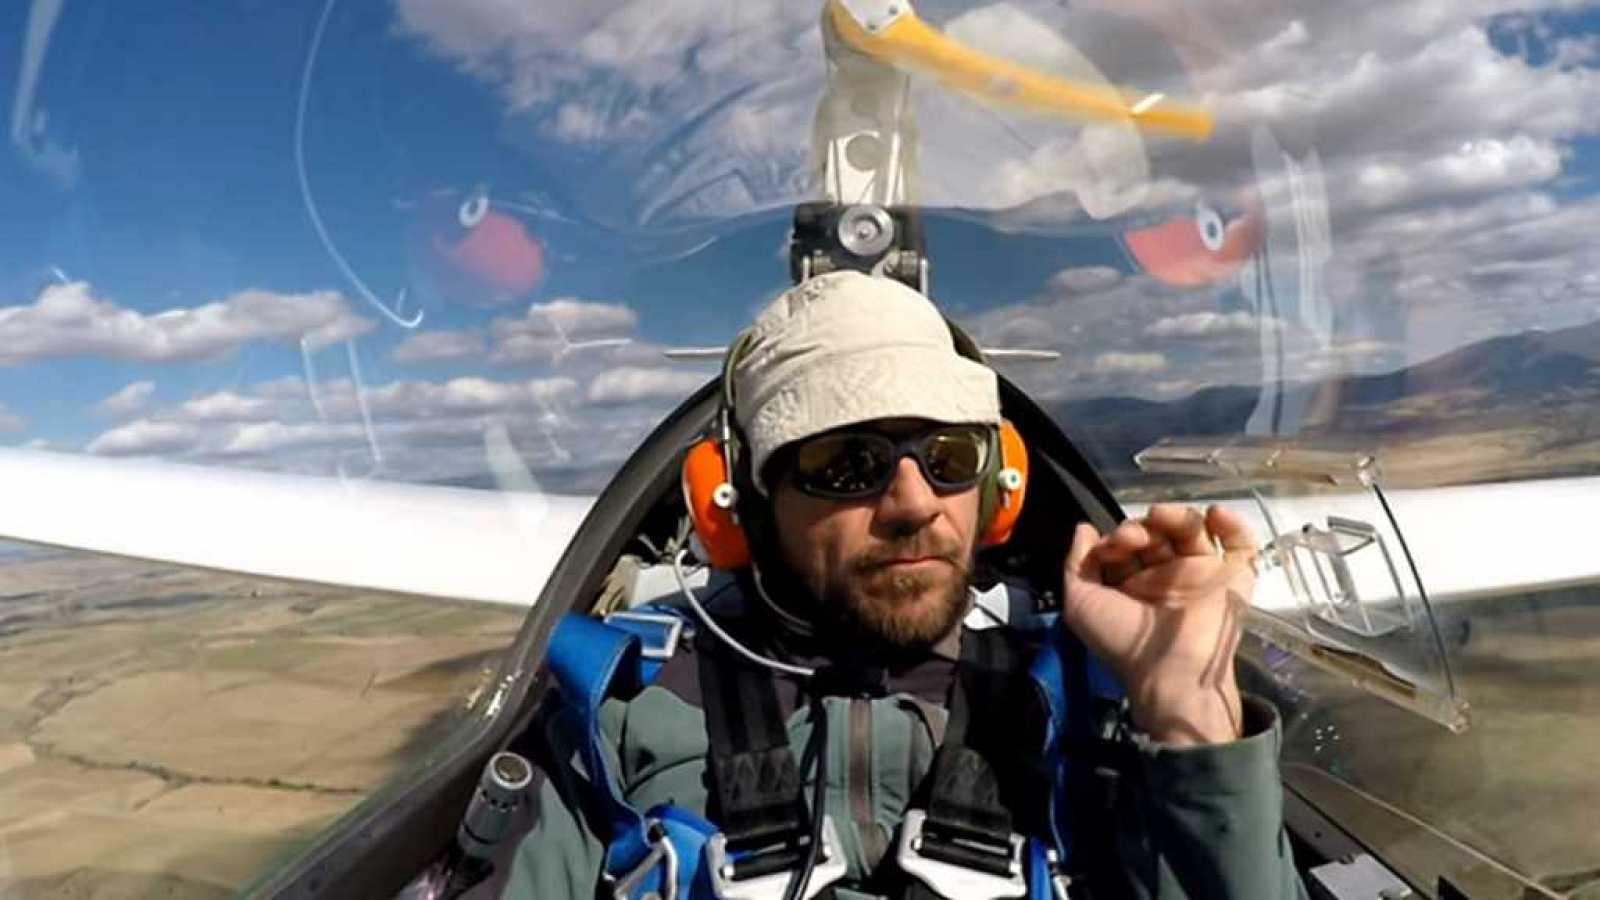 Al filo de lo imposible - El sueño de volar - ver ahora